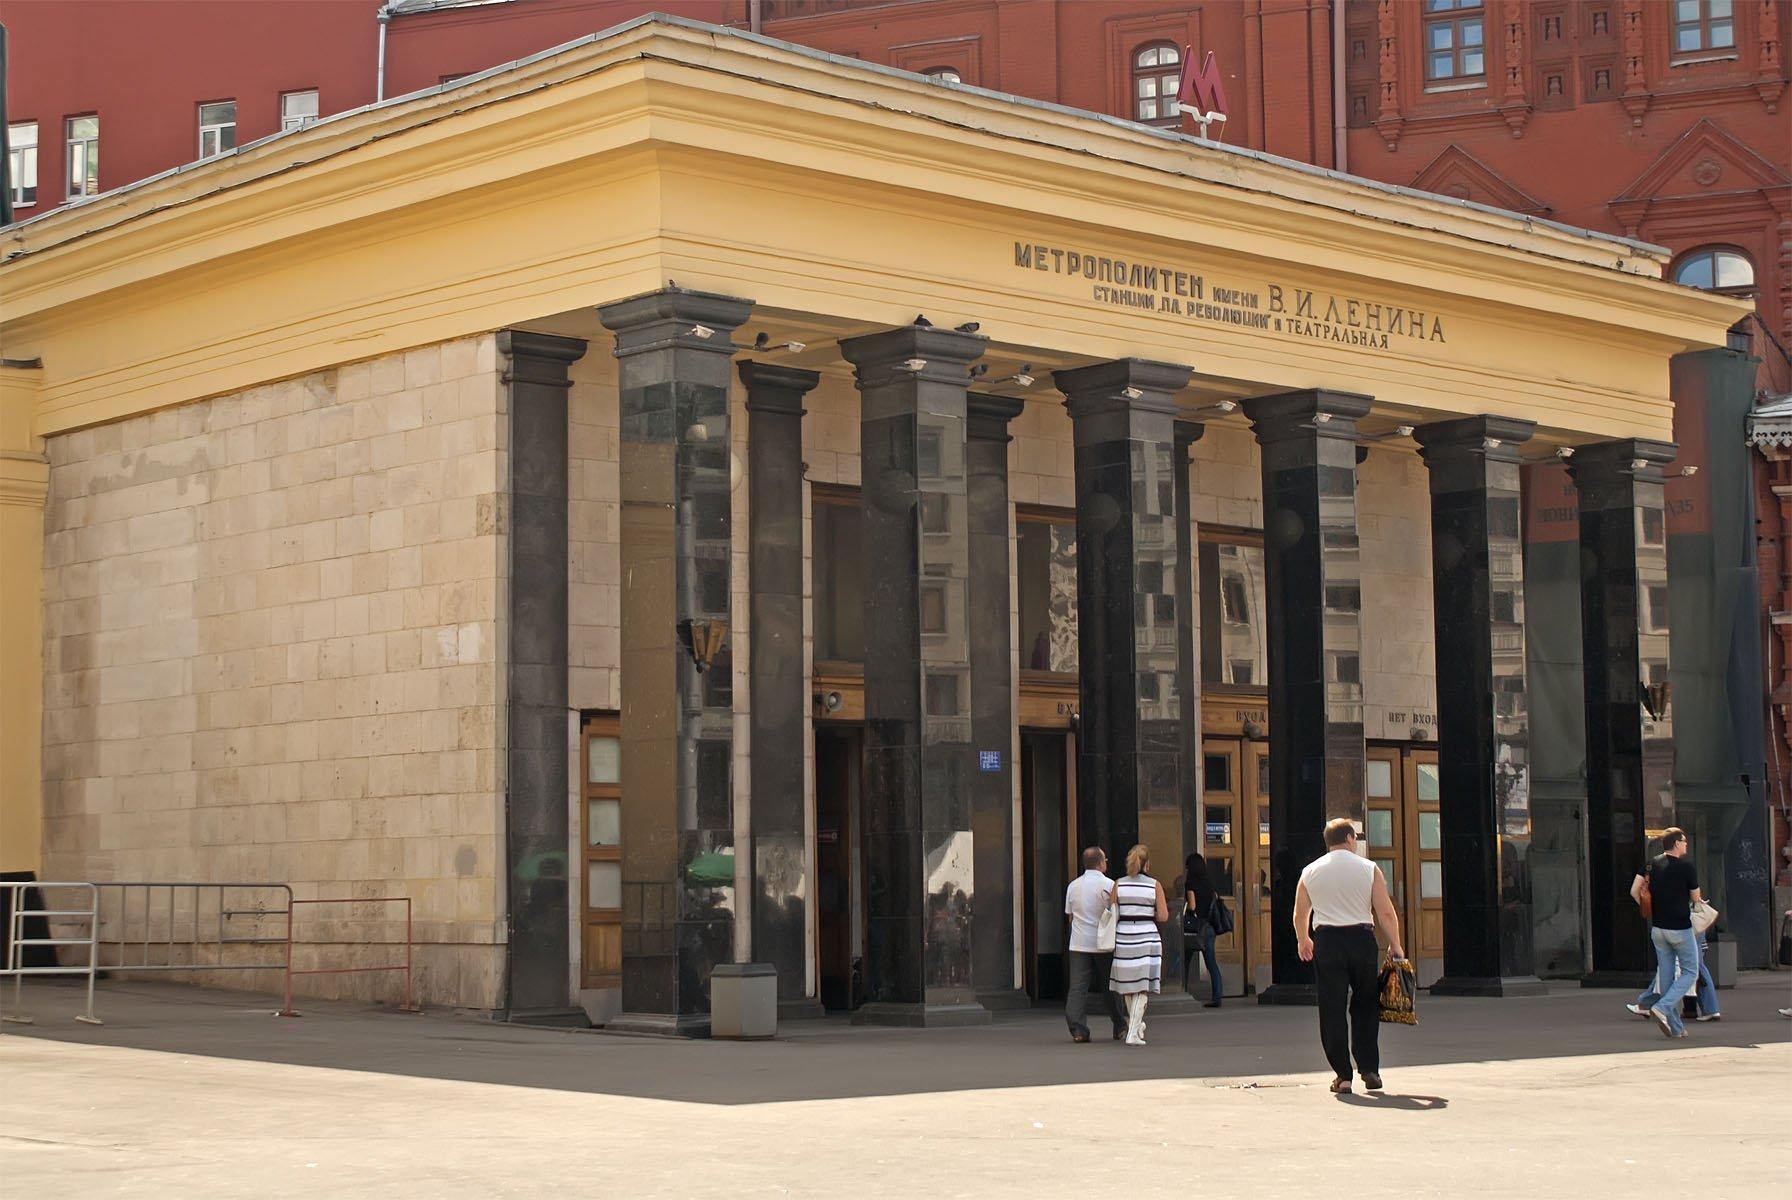 Соколова 9 онкологический центр врачи расписание